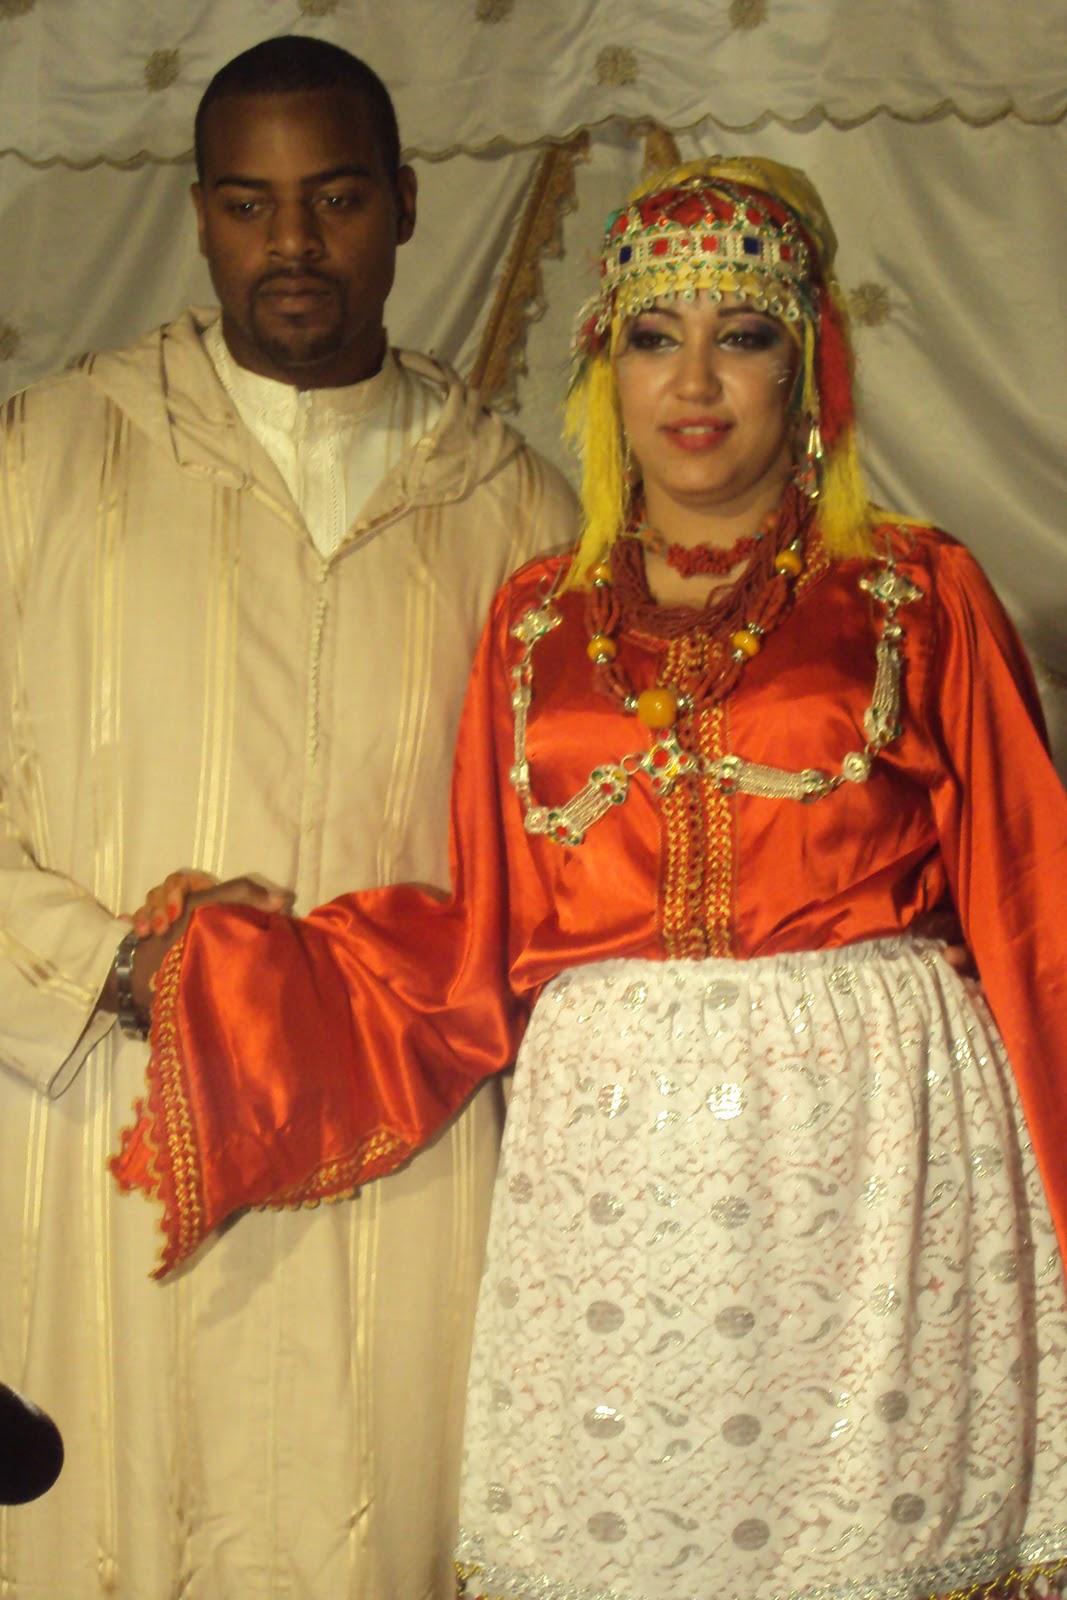 Moroccan Way Wedding Dresses For A Bride